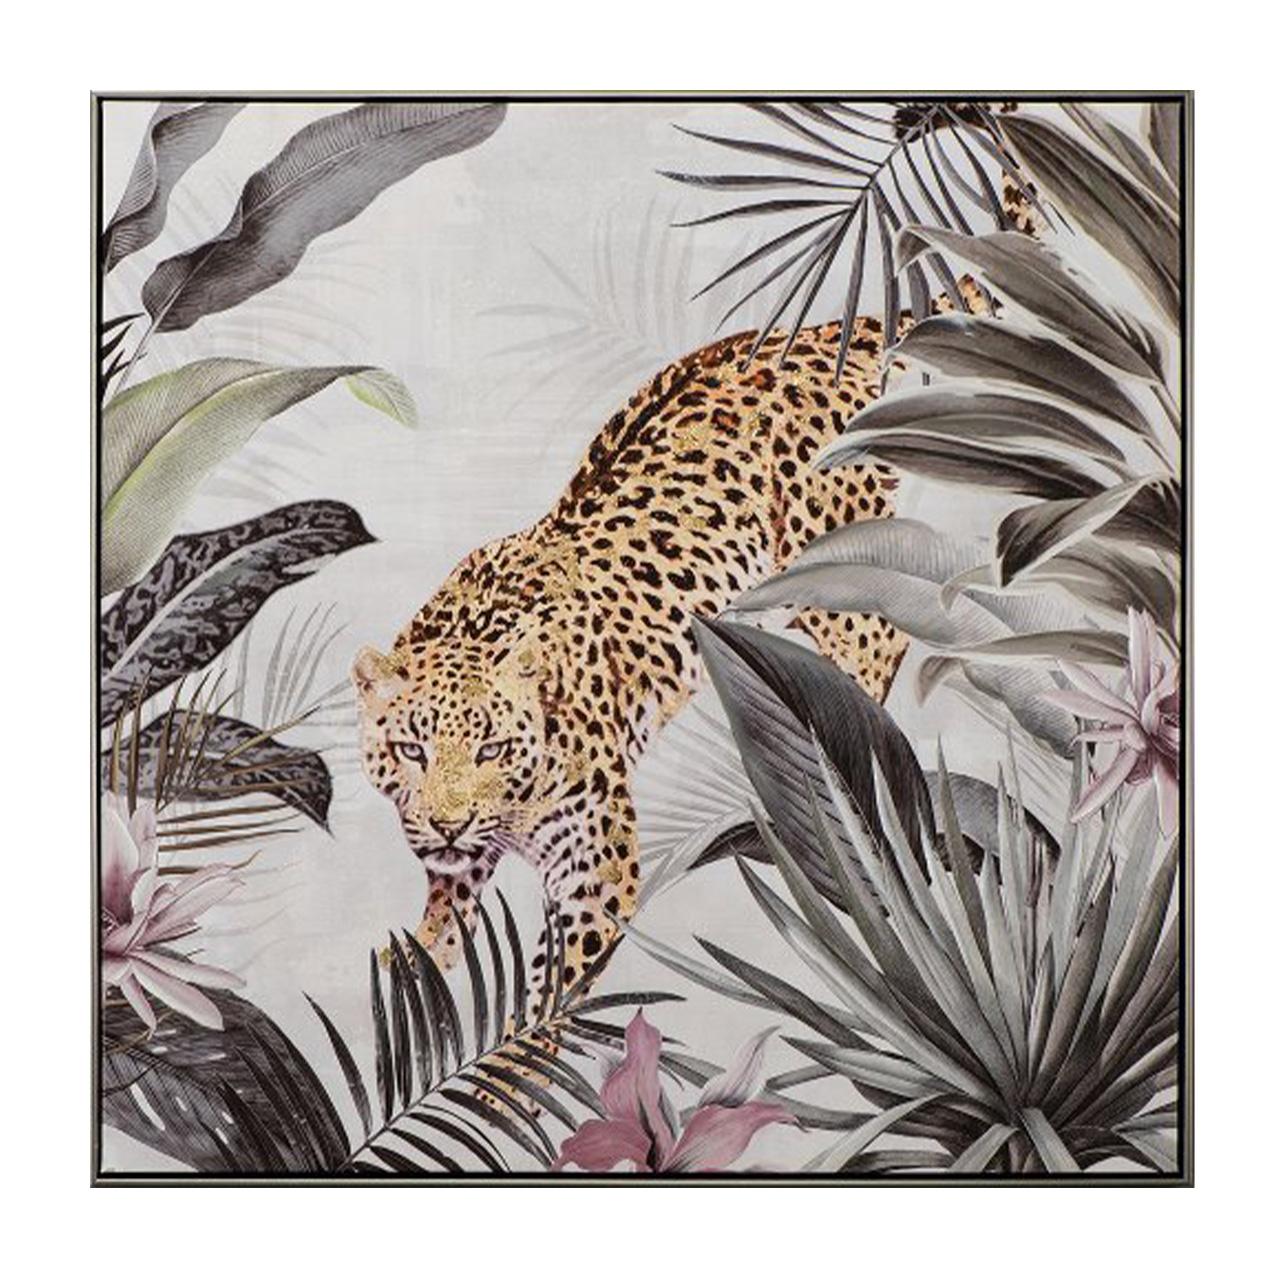 Imageland Bild  Leopard im Dschungel II